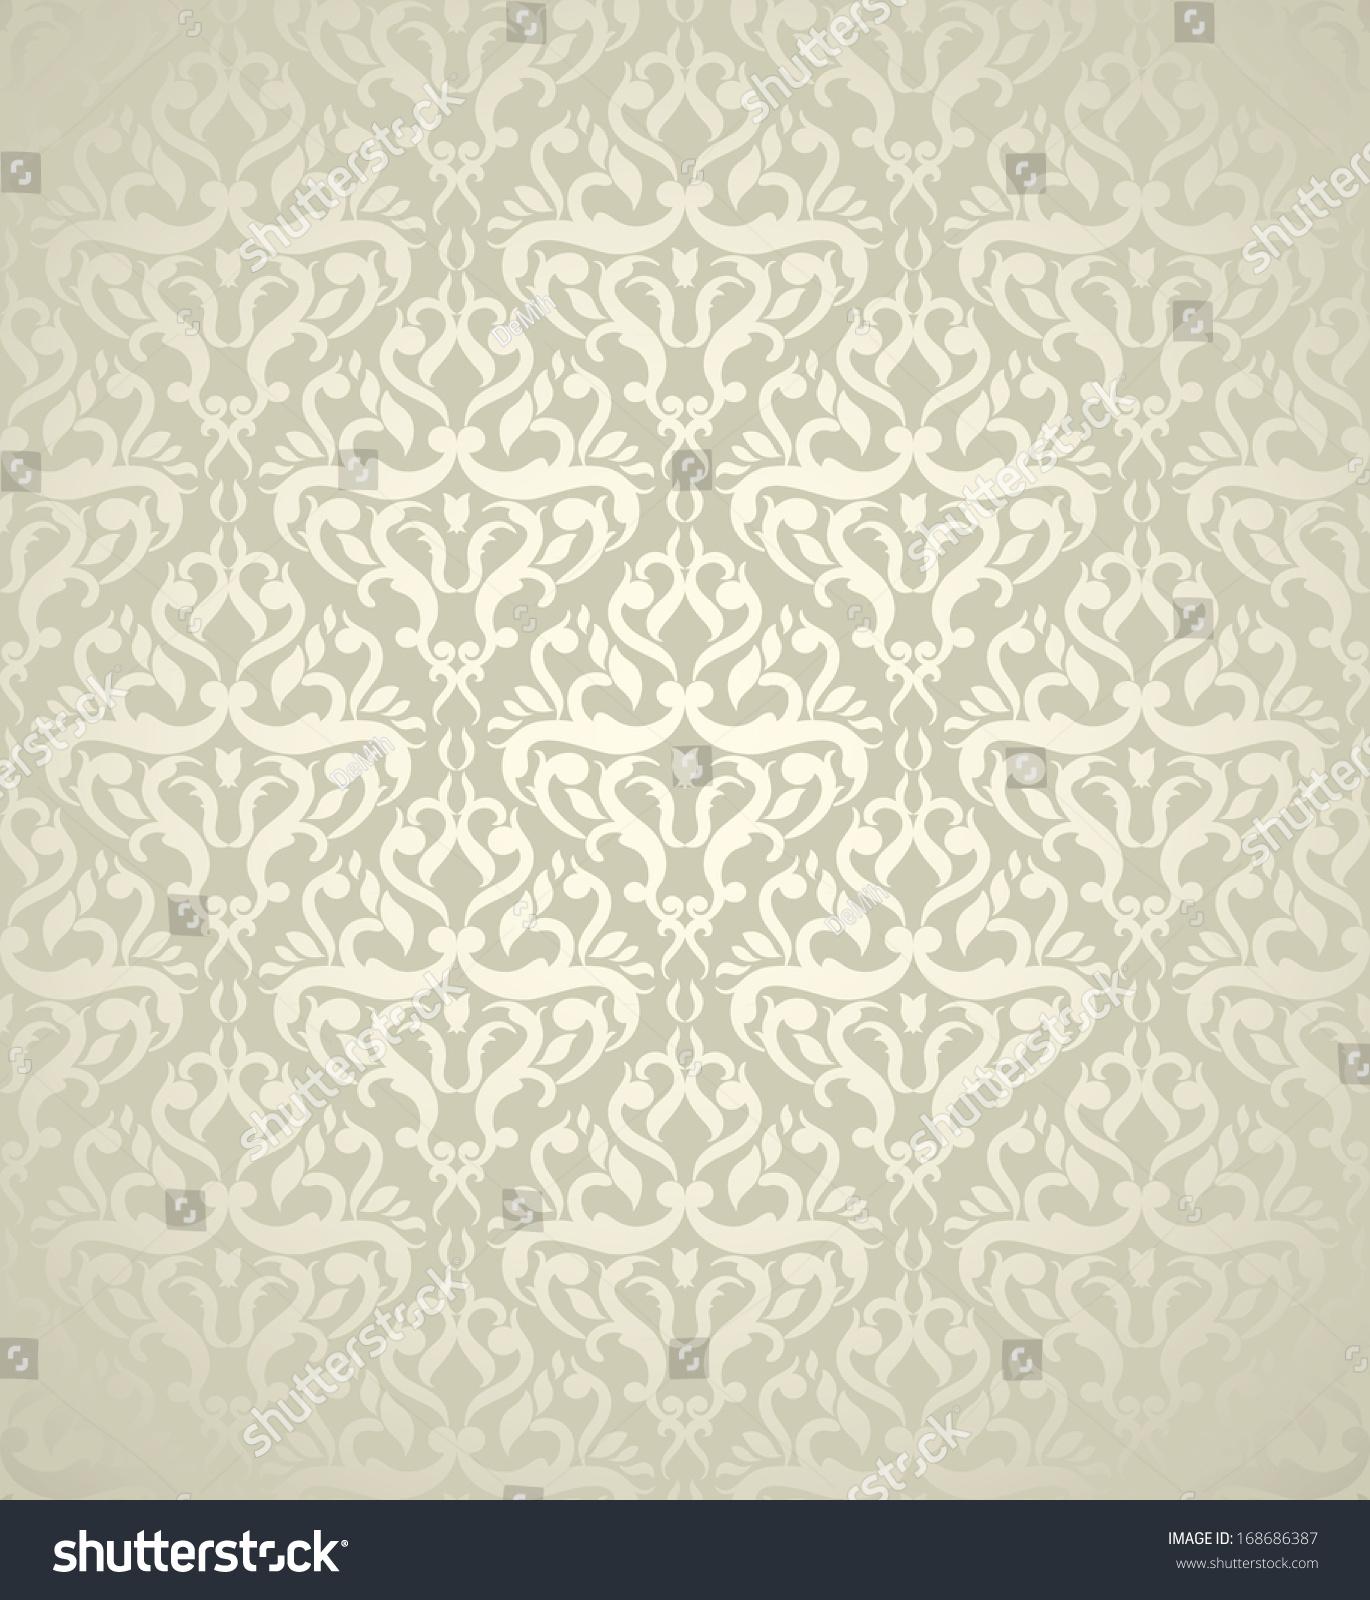 Elegant Wedding Background